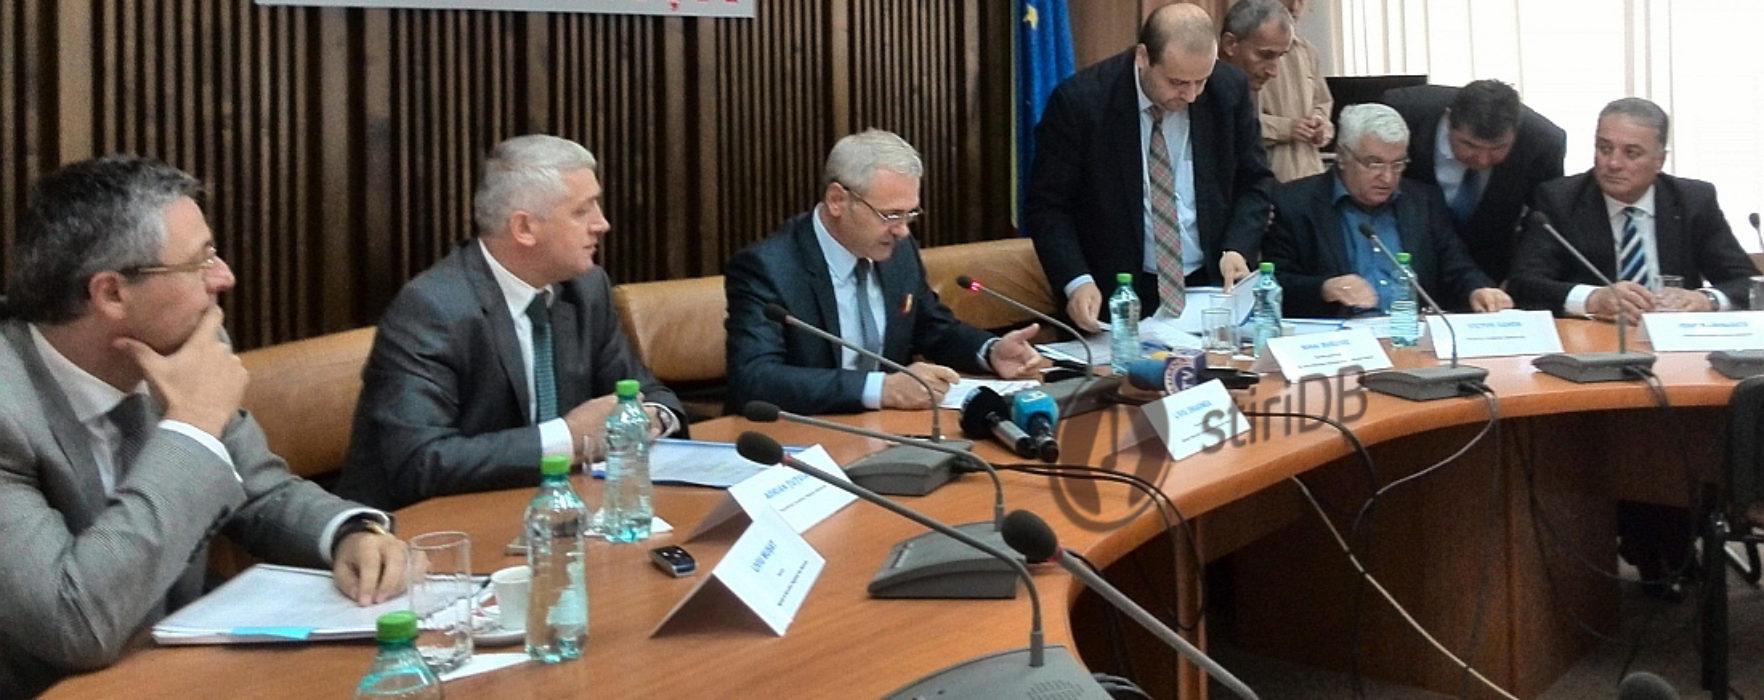 Liviu Dragnea: Probleme în derularea proiectelor europene din Târgovişte, MDRAP va trimite o comisie să verifice